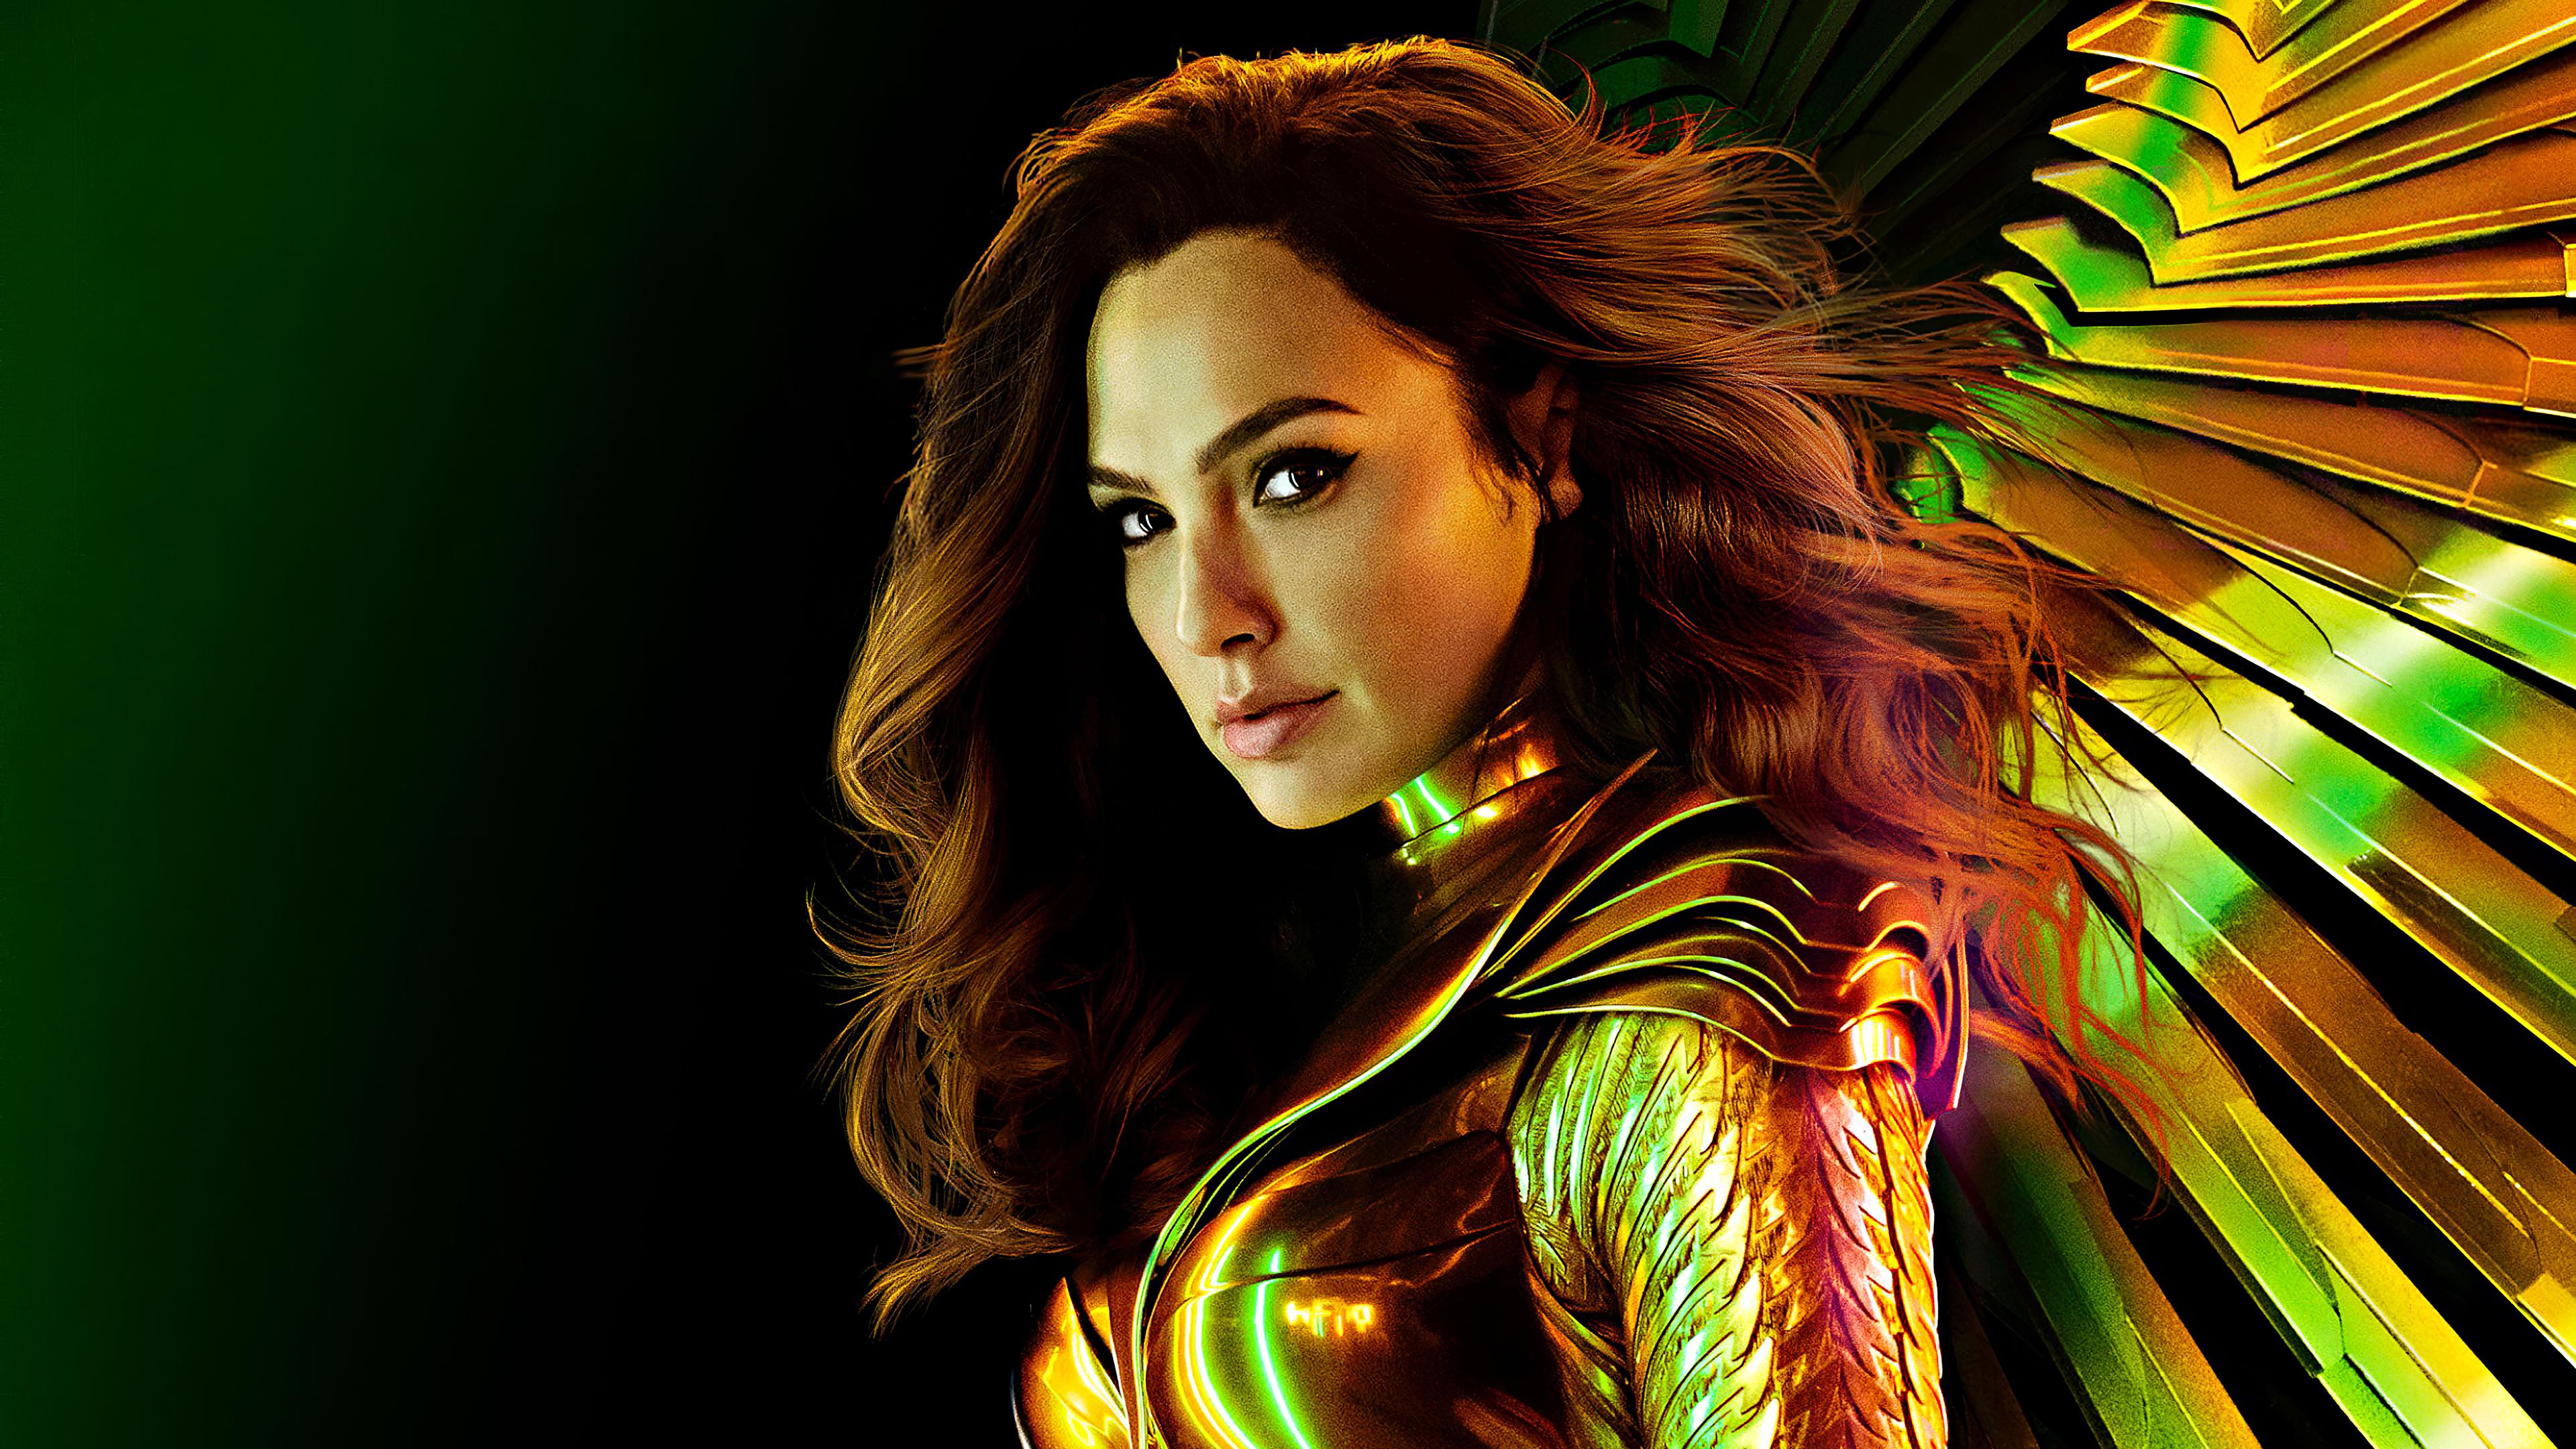 Wonder Woman 1984 Movie 2020 4k, HD Movies, 4k Wallpapers ...